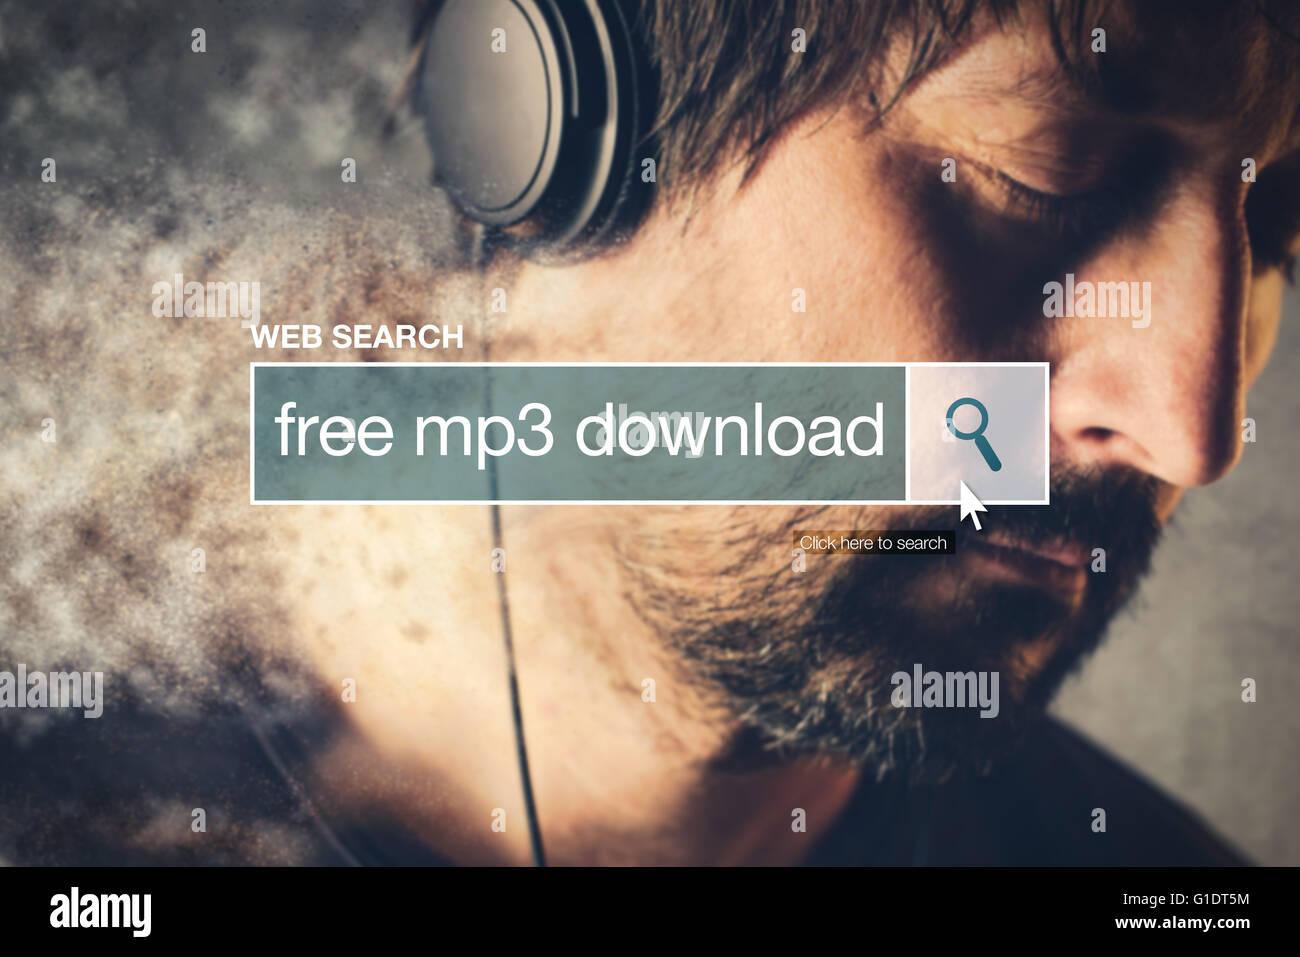 Descargar mp3 gratis web glosario término barra de búsqueda en la red world wide web Imagen De Stock